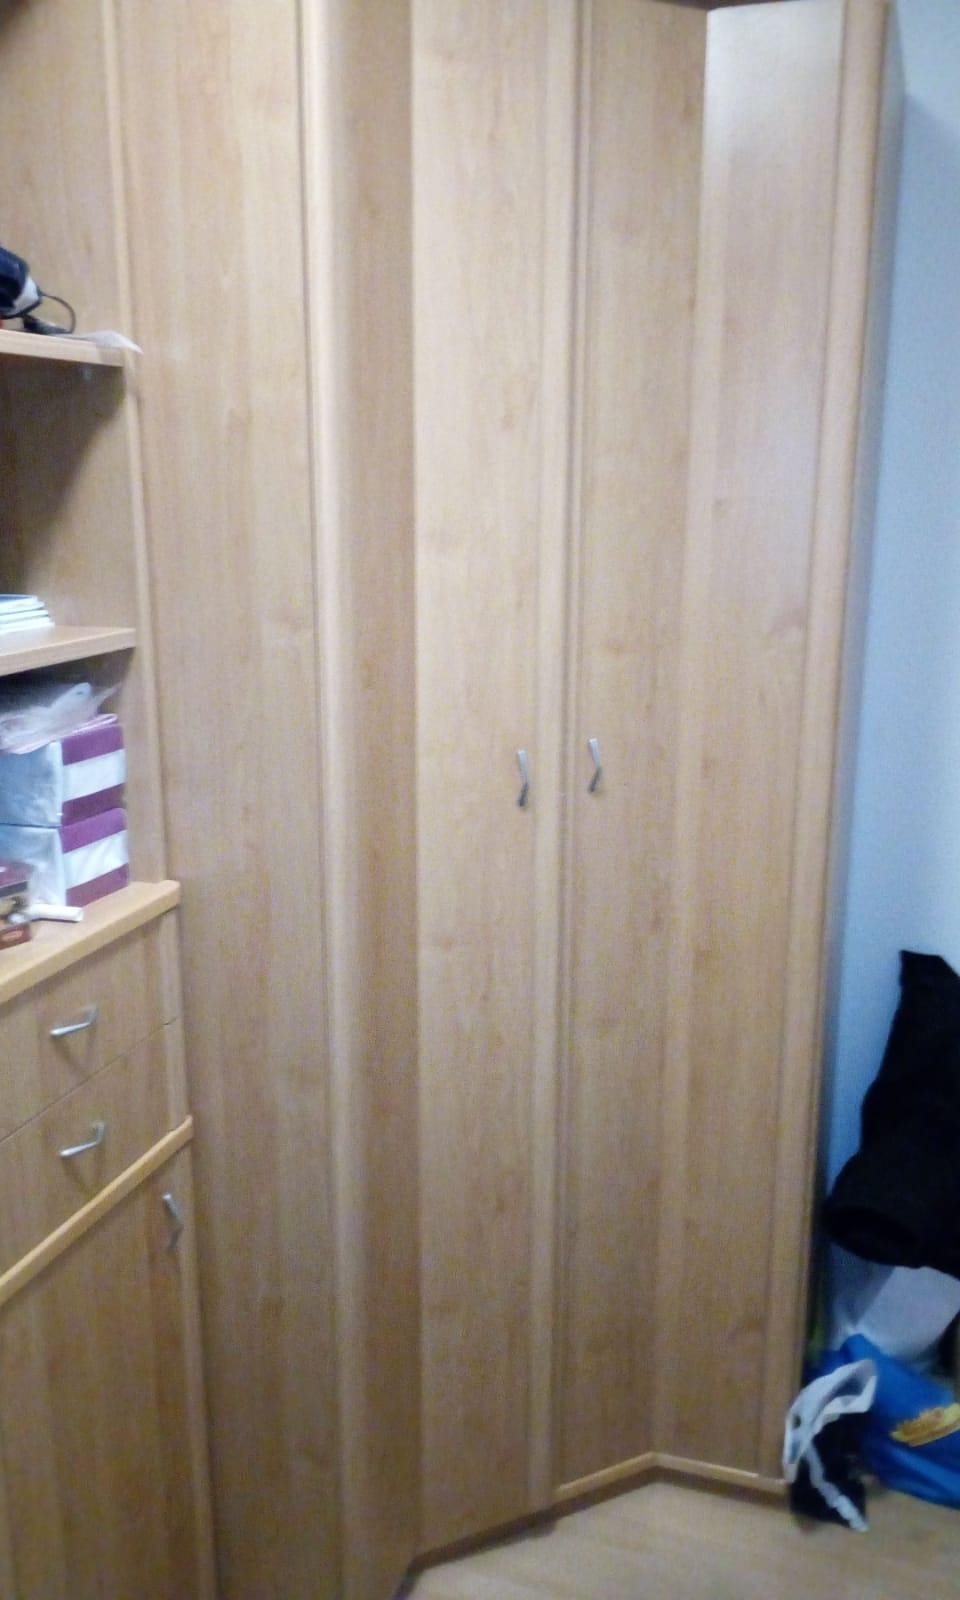 Full Size of Eckschrank In Marzahn Hellersdorf A190024 6 Schlafzimmer Set Mit Matratze Und Lattenrost Deckenleuchten Deckenleuchte Weiss Kommode Regal Küche Landhausstil Schlafzimmer Eckschrank Schlafzimmer